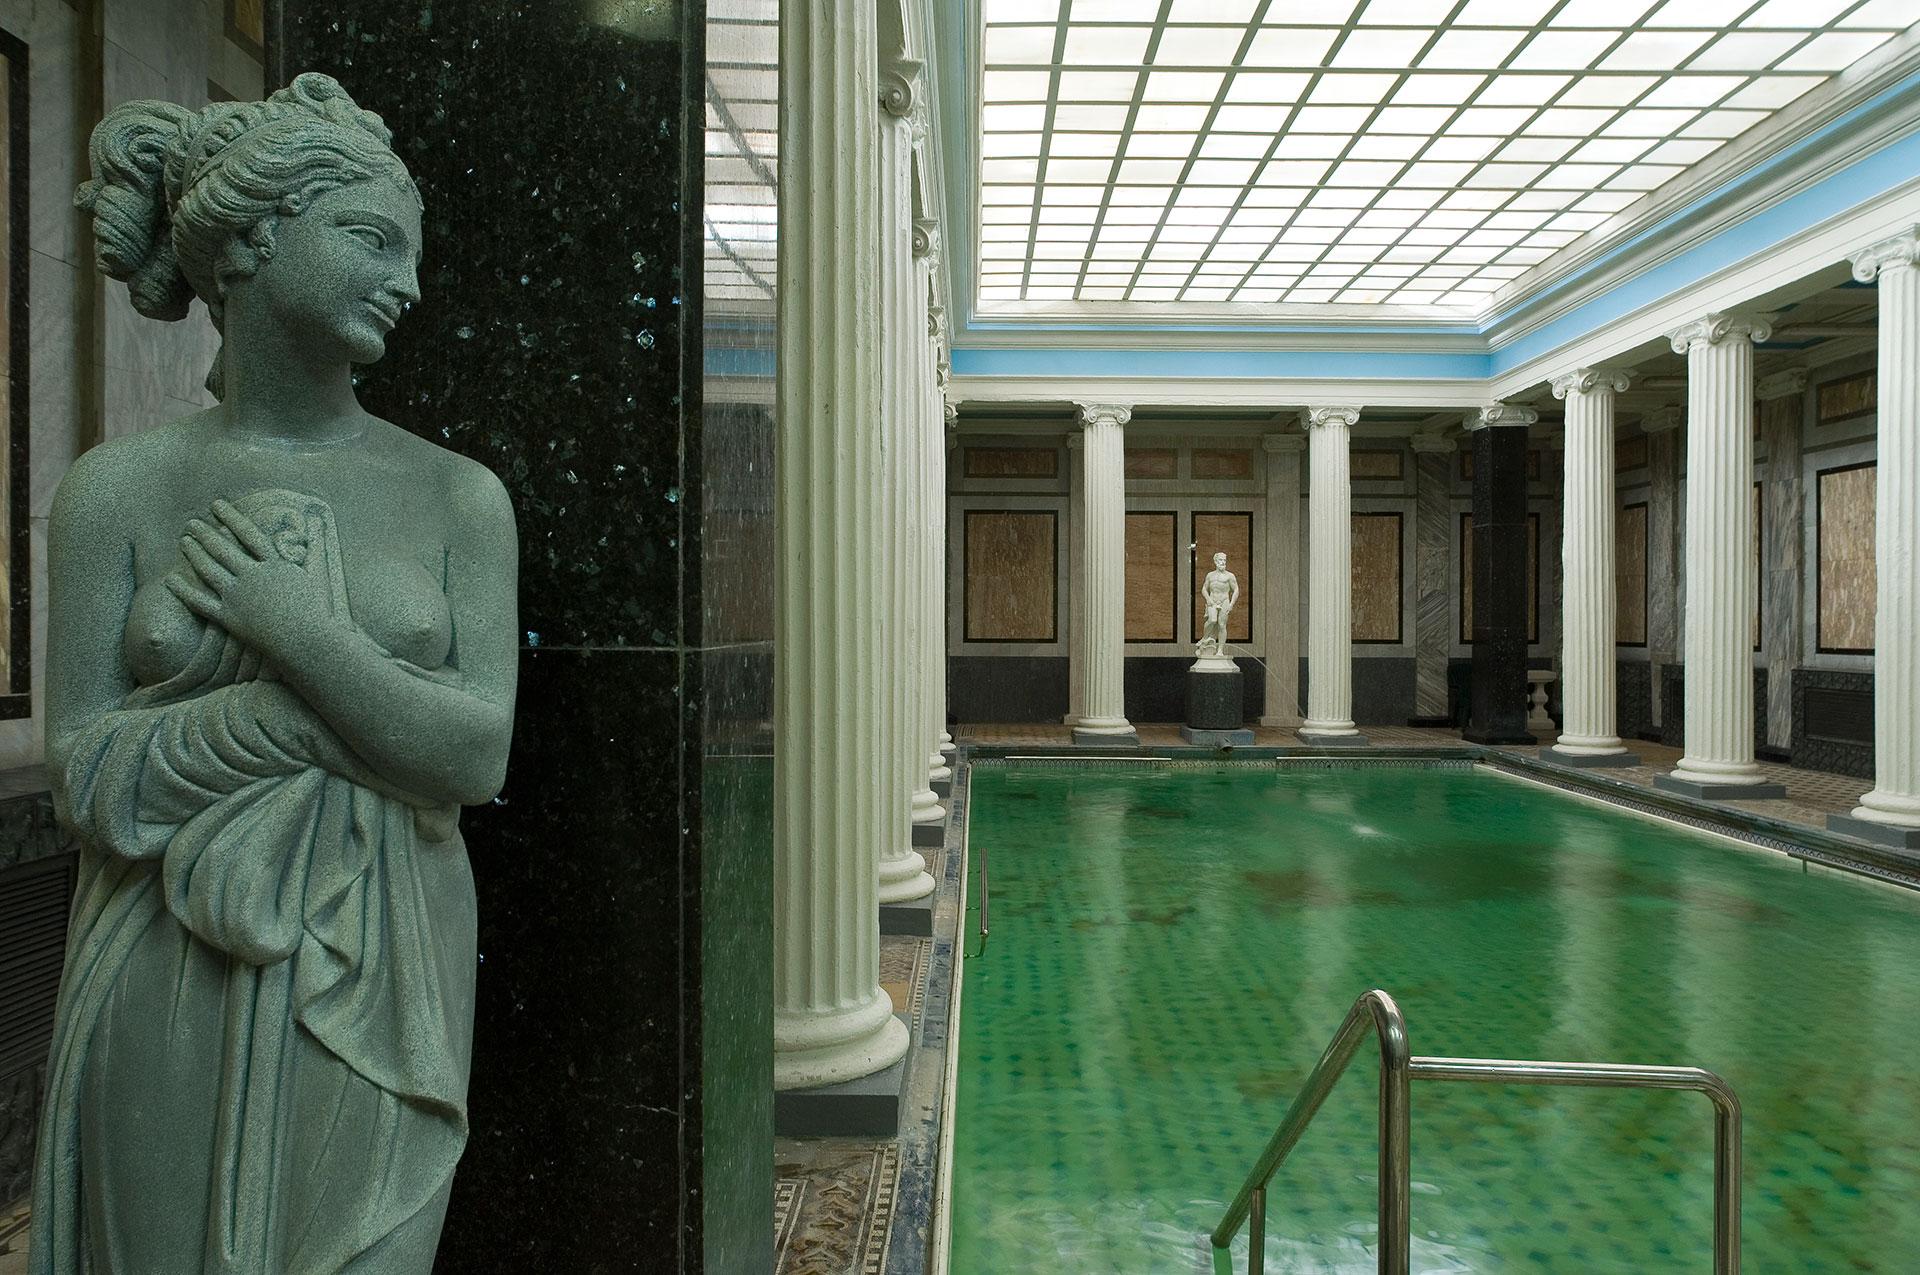 Das Badehaus Sanduny oder Sandunowskije Banja ist die älteste und schönste öffentliche Banja in Moskau das auch schon von Puschkin und Tschechow besucht wurde